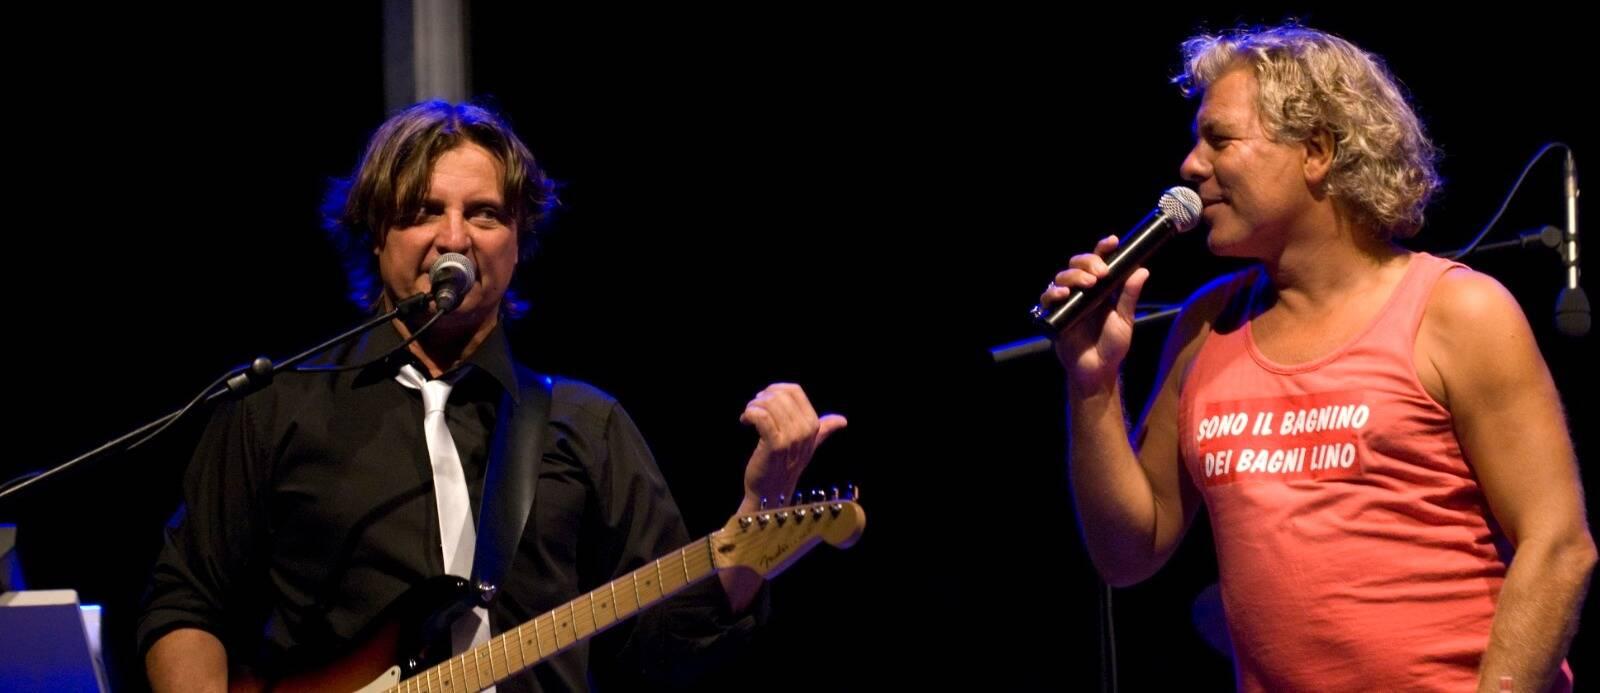 Smaf quintetto musicale Rossano Giallombardo chitarrista Marco Ghini cantante